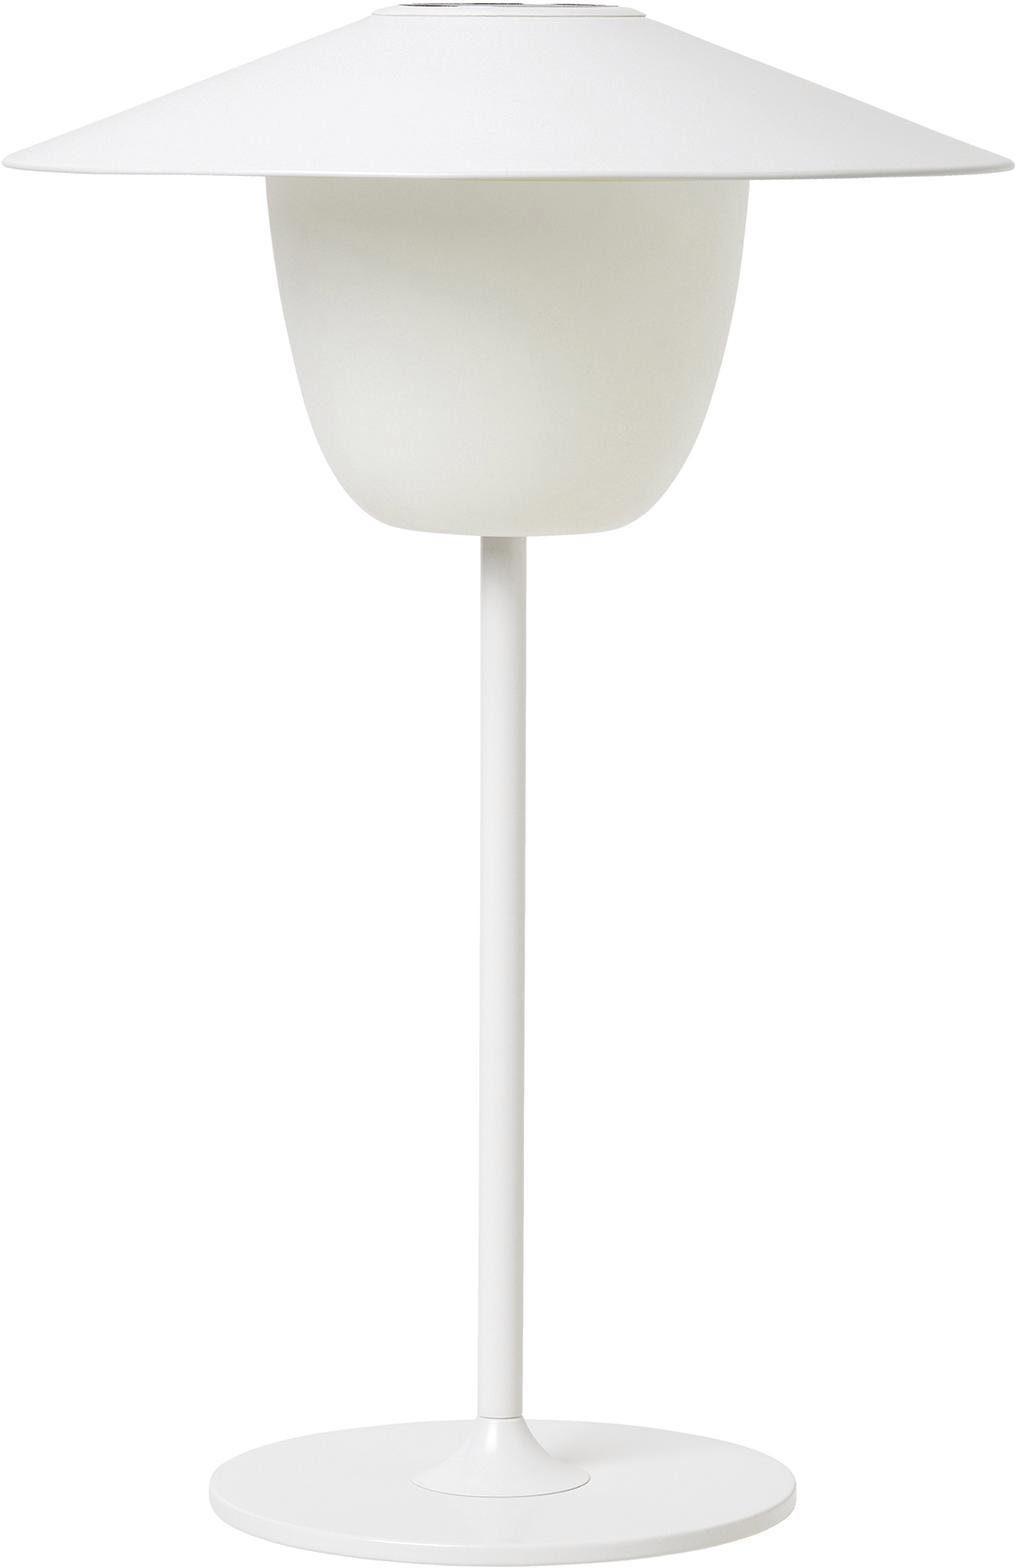 BLOMUS LED Tischleuchte »ANI LAMP«, 3 fache Verwendungsmöglichkeit